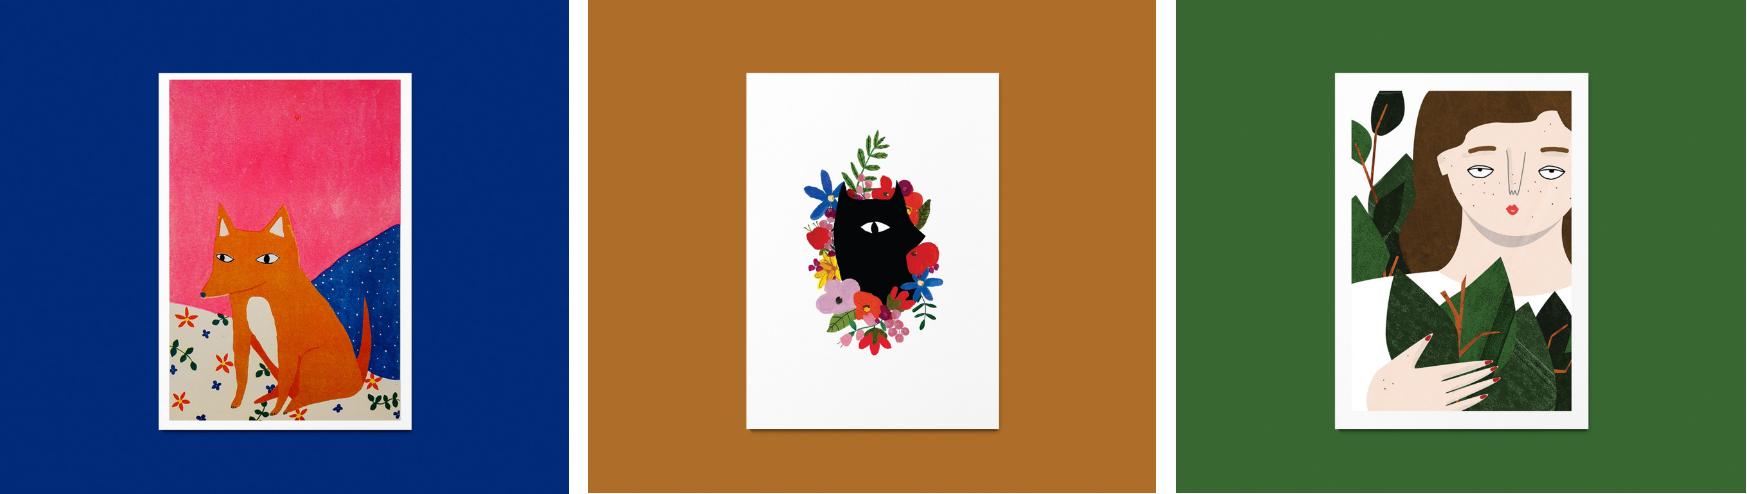 Illustratrices Aloÿse Mendoza